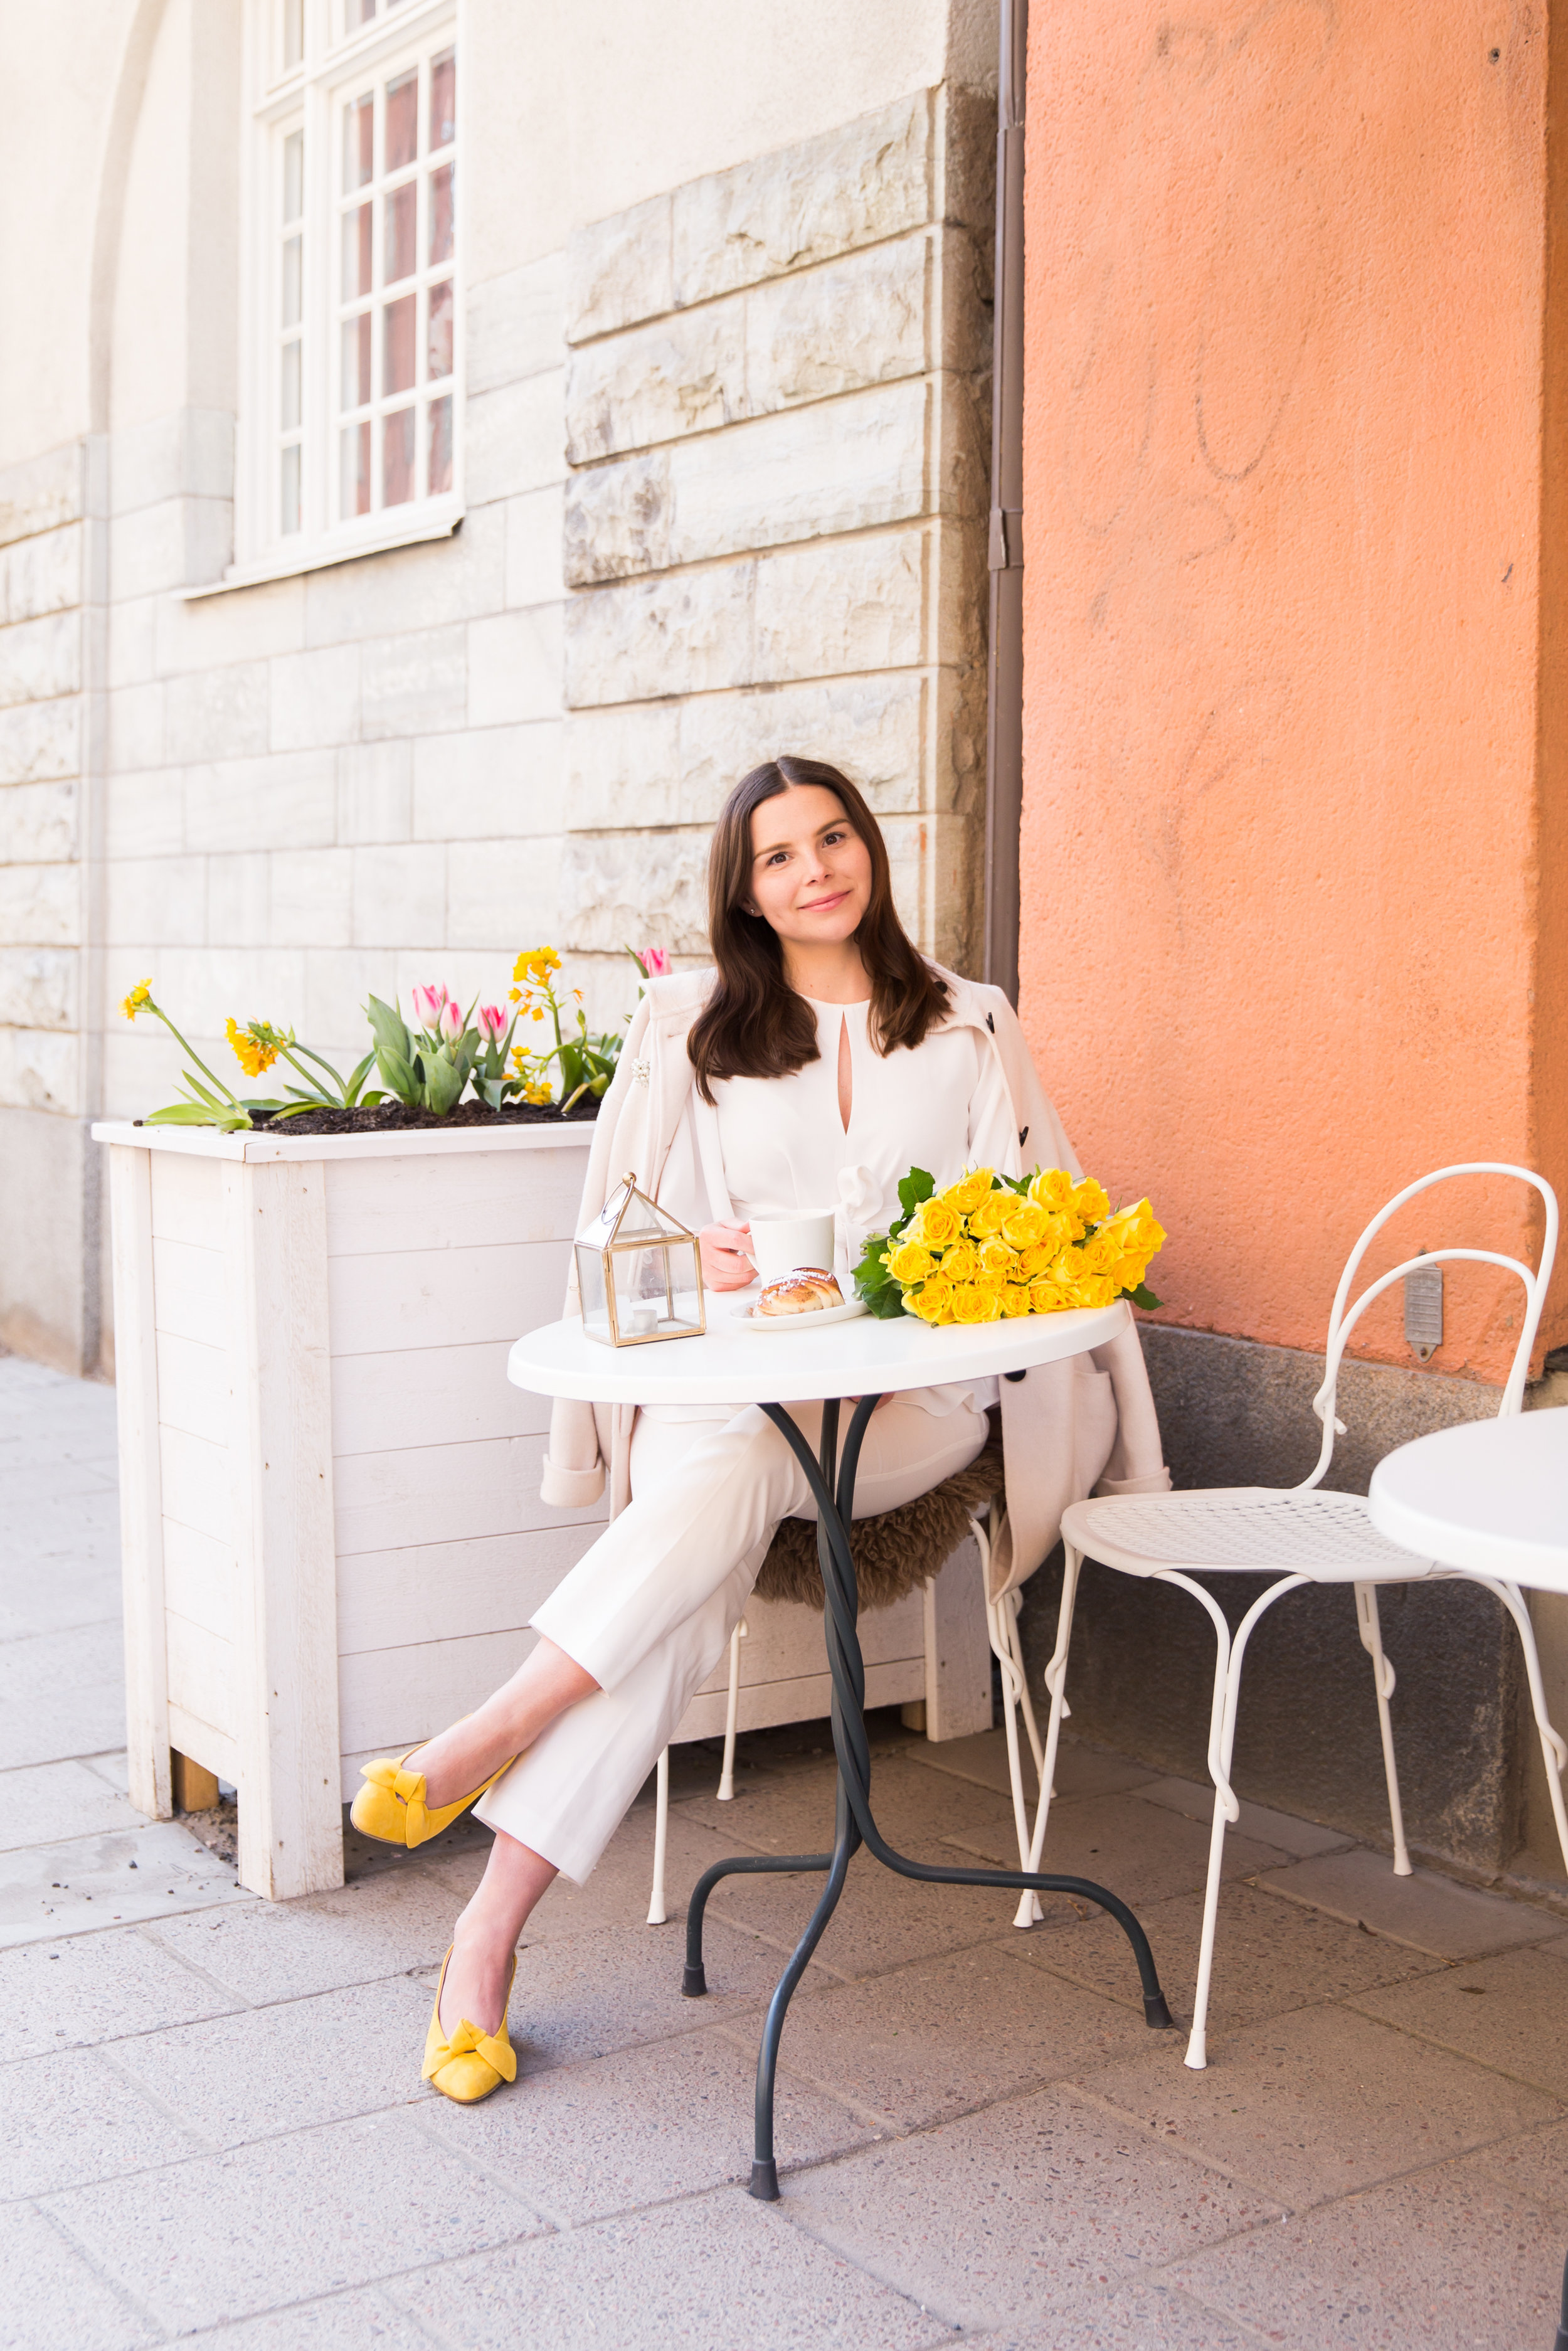 Angelica Aurell pask stil Rizzo varmode gult vita byxor.jpg